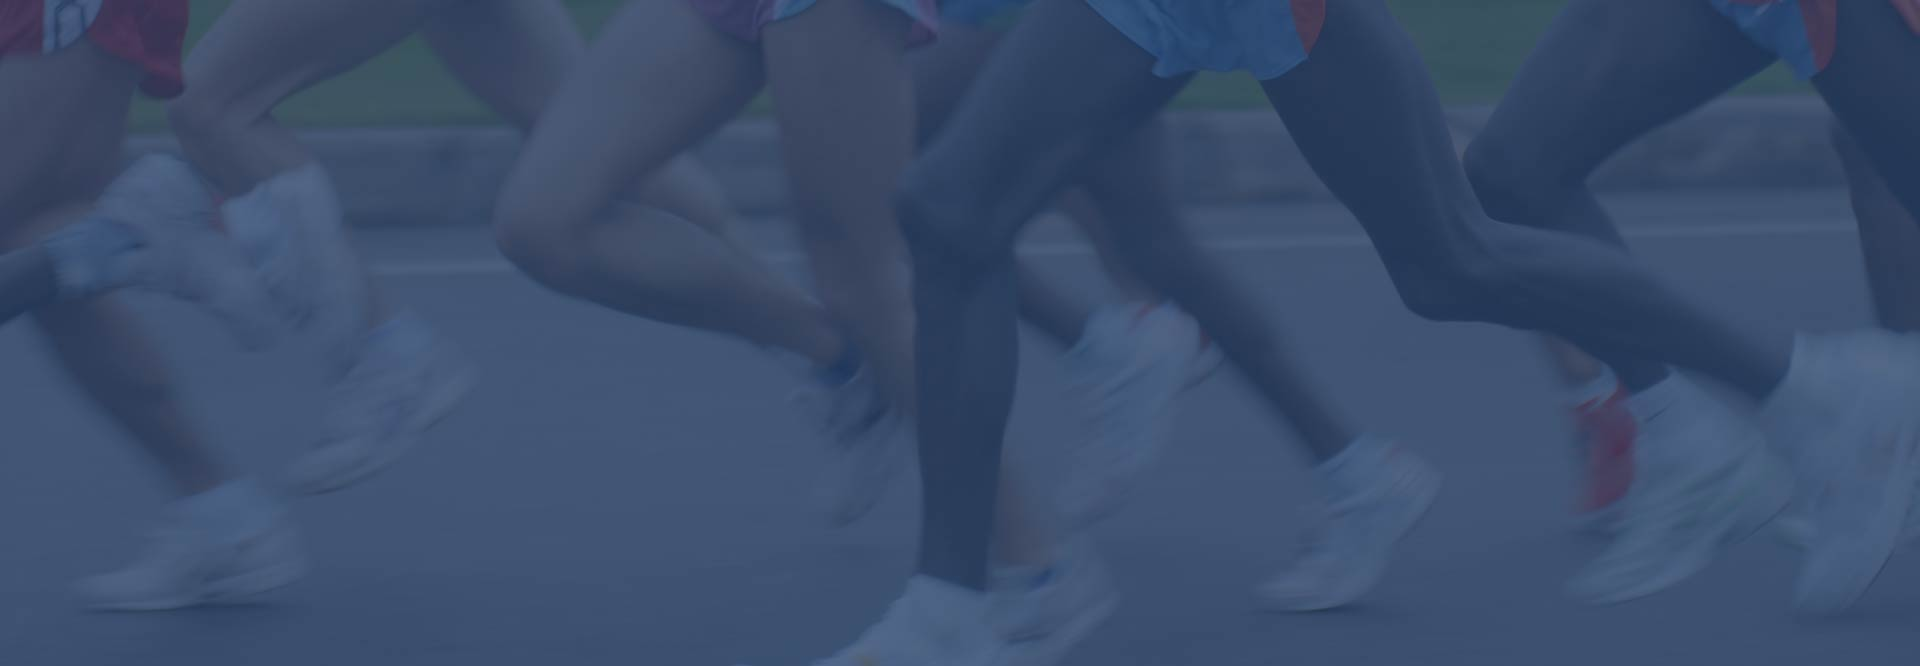 הנחיות לפעילות גופנית ואימון גופני לילדים ולמתבגרים (גילאים  5 – 17 שנים) 2020